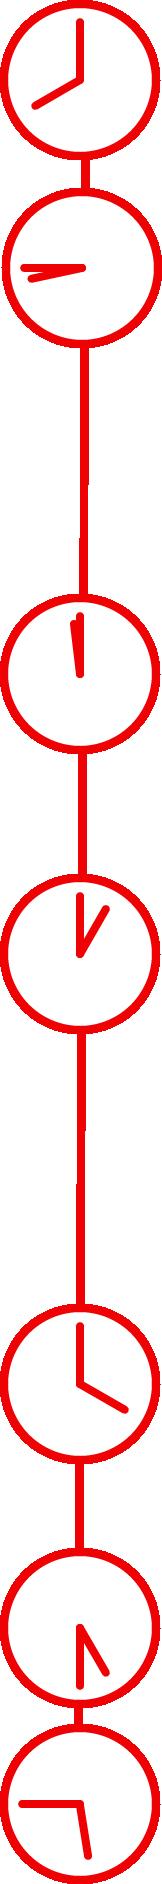 時刻を示す時計